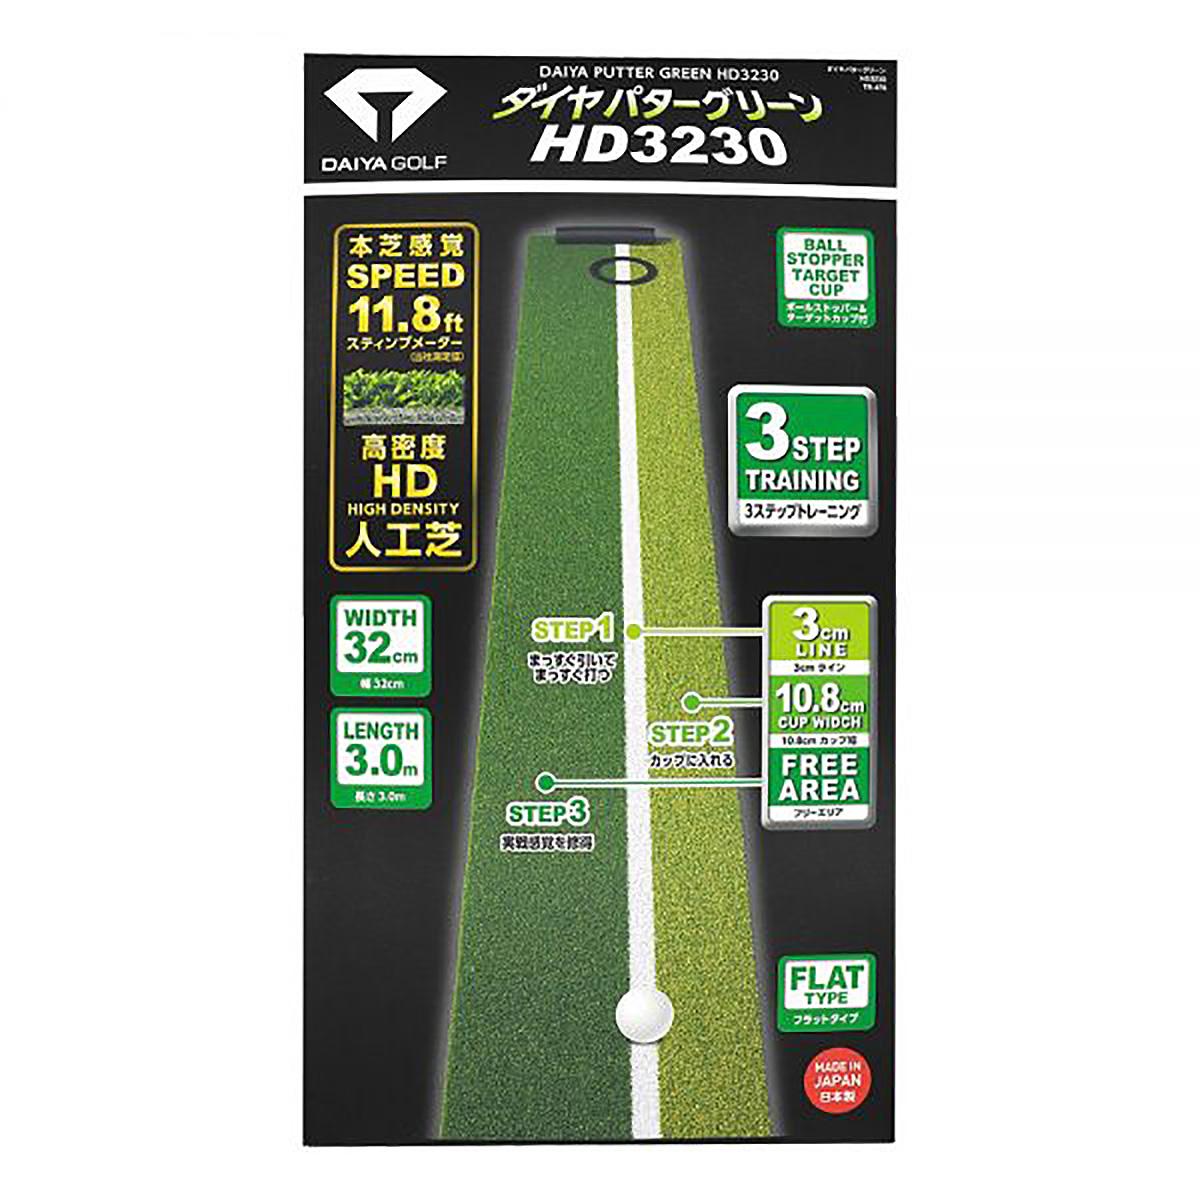 ダイヤパターグリーン HD3230